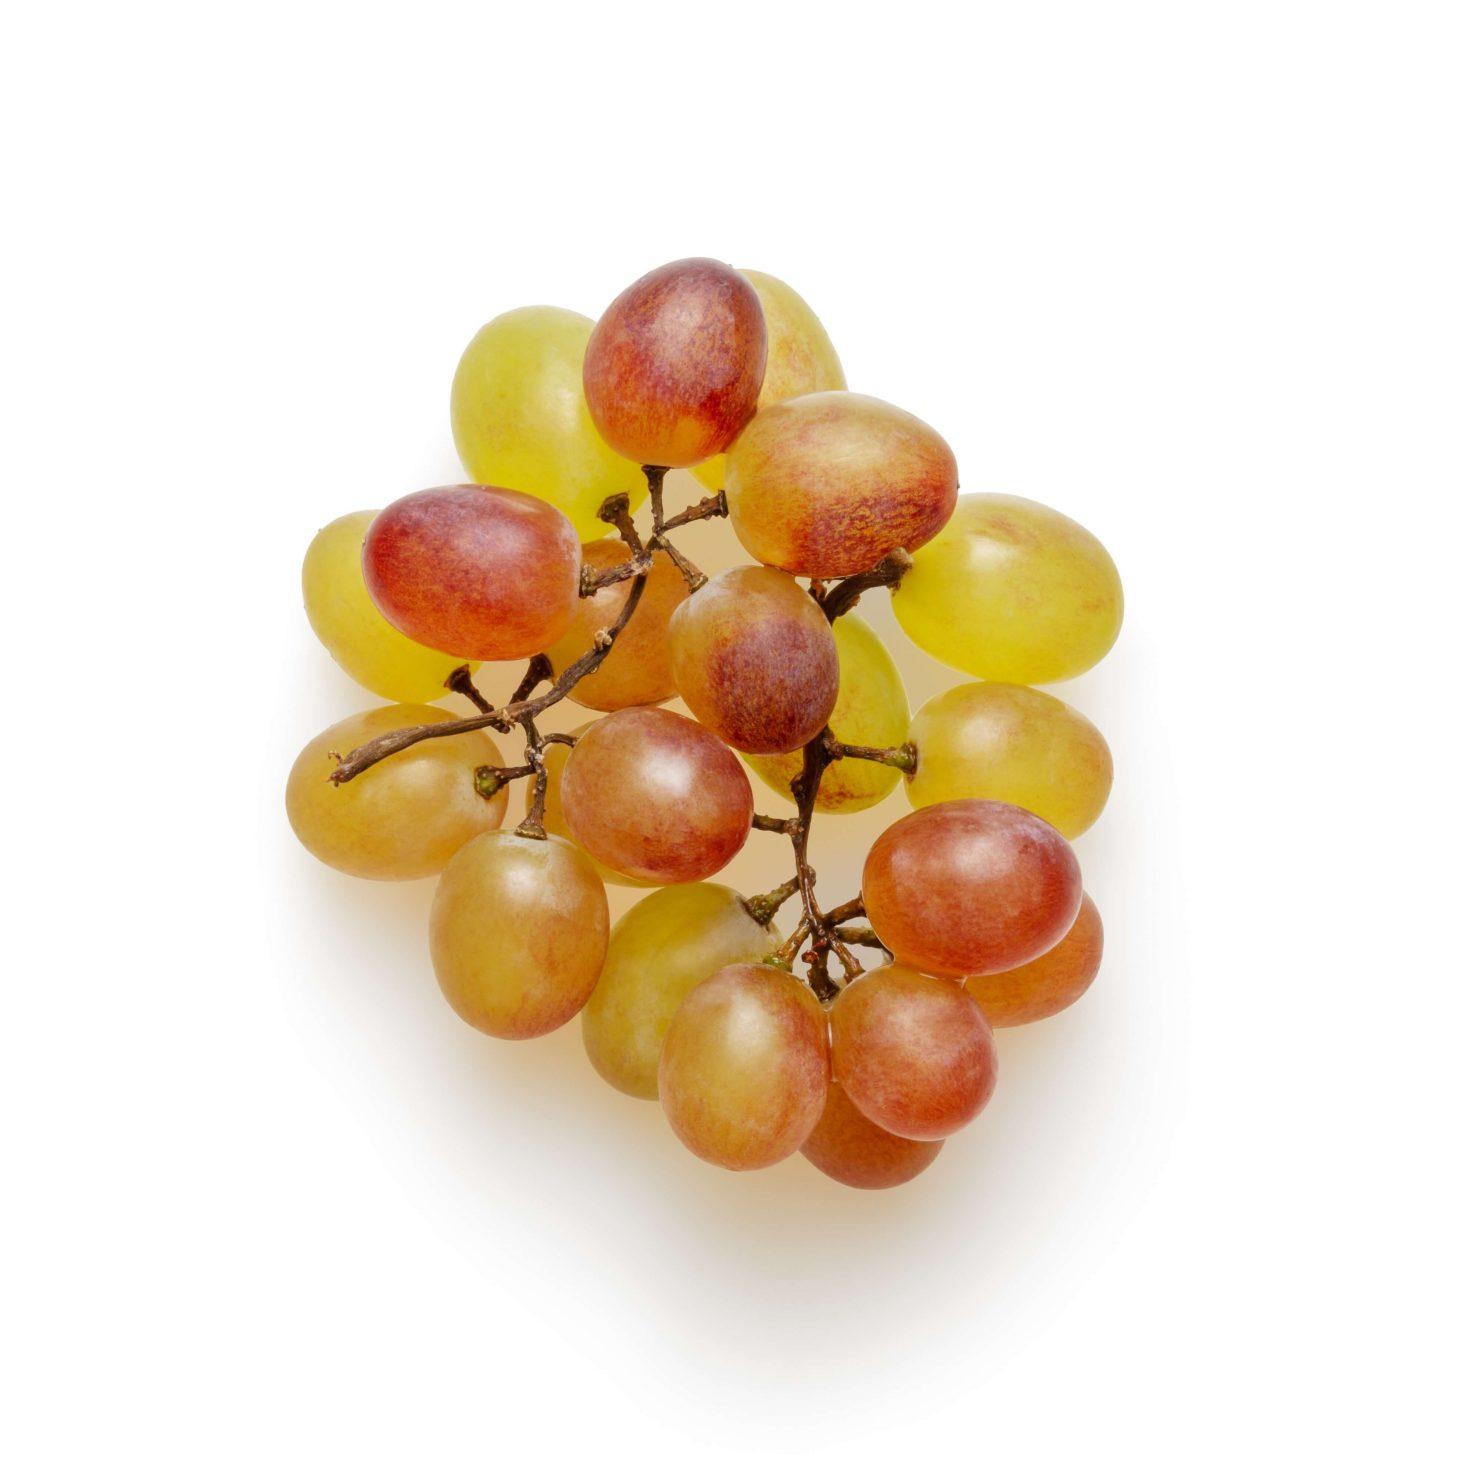 ブドウの剪定方法について-剪定方法や剪定時期を解説-